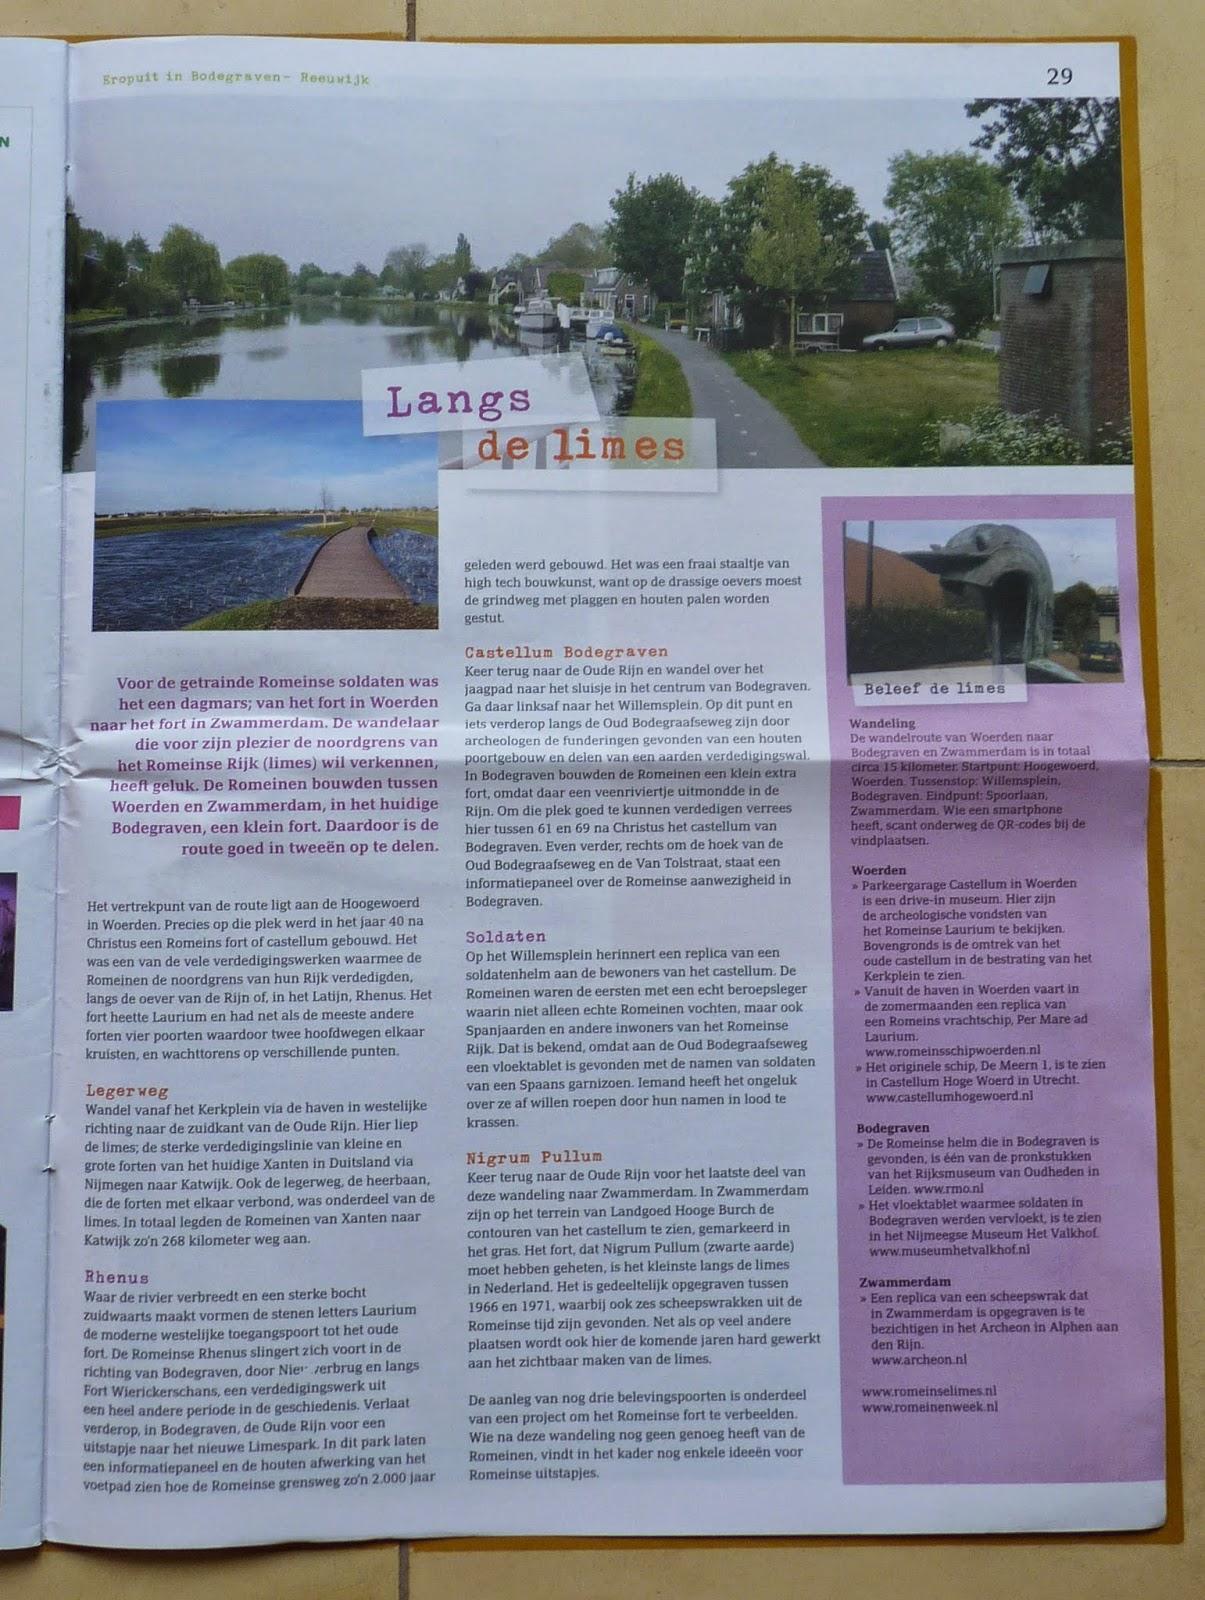 Recreatiekrant Bodegraven-Reeuwijk Eropuit maart 2015